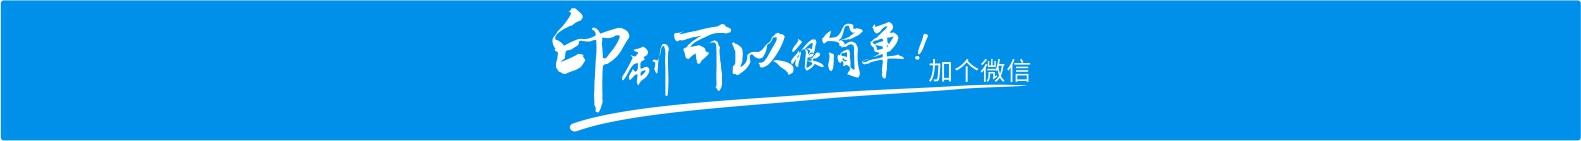 深圳画册印刷加个微信